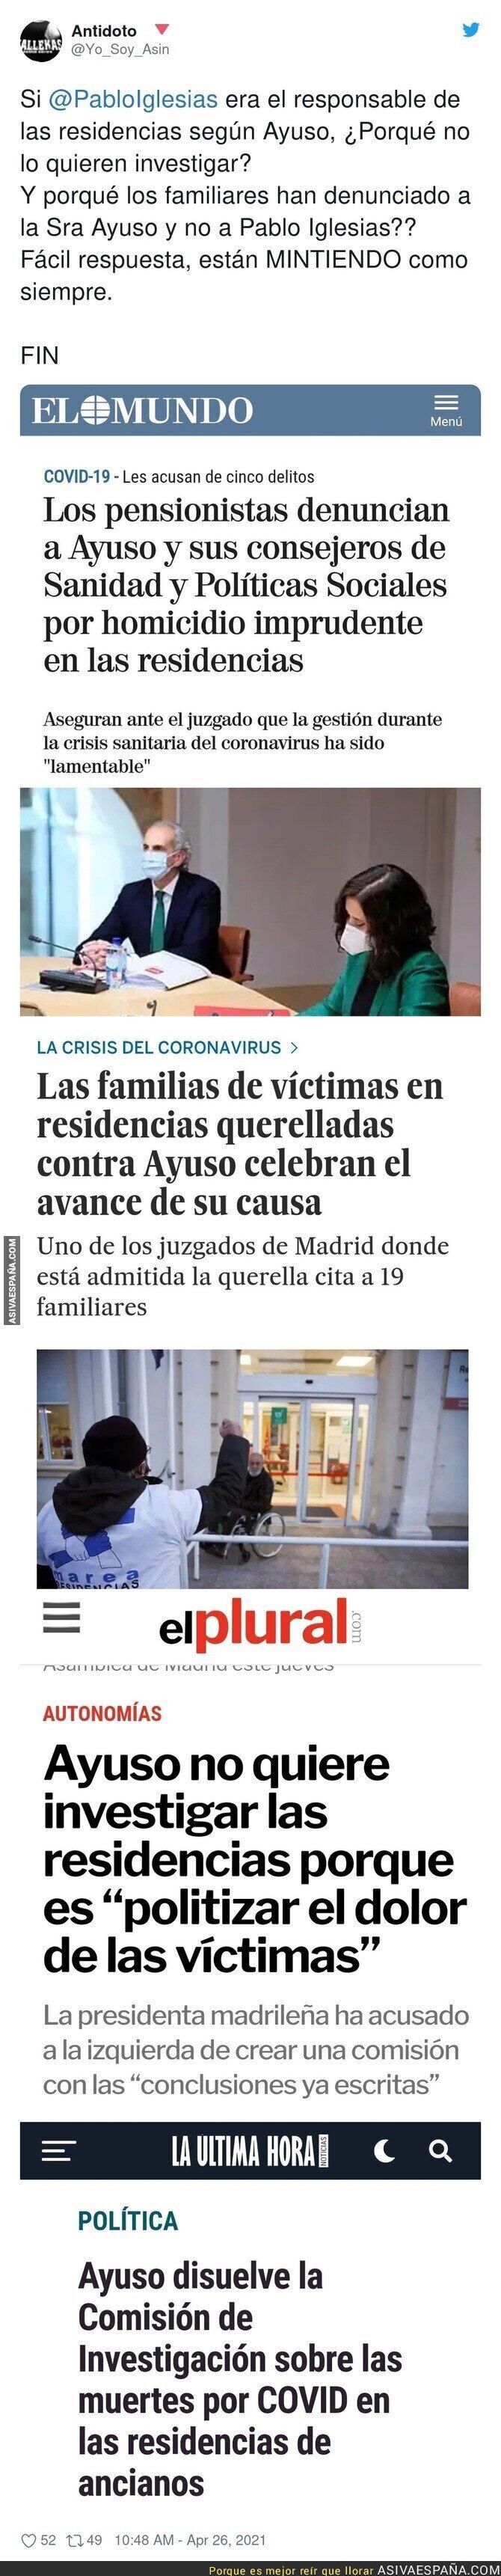 723297 - Está tan claro que Pablo Iglesias era el responsable de las residencias de ancianos que Isabel Díaz Ayuso NO quiere investigar